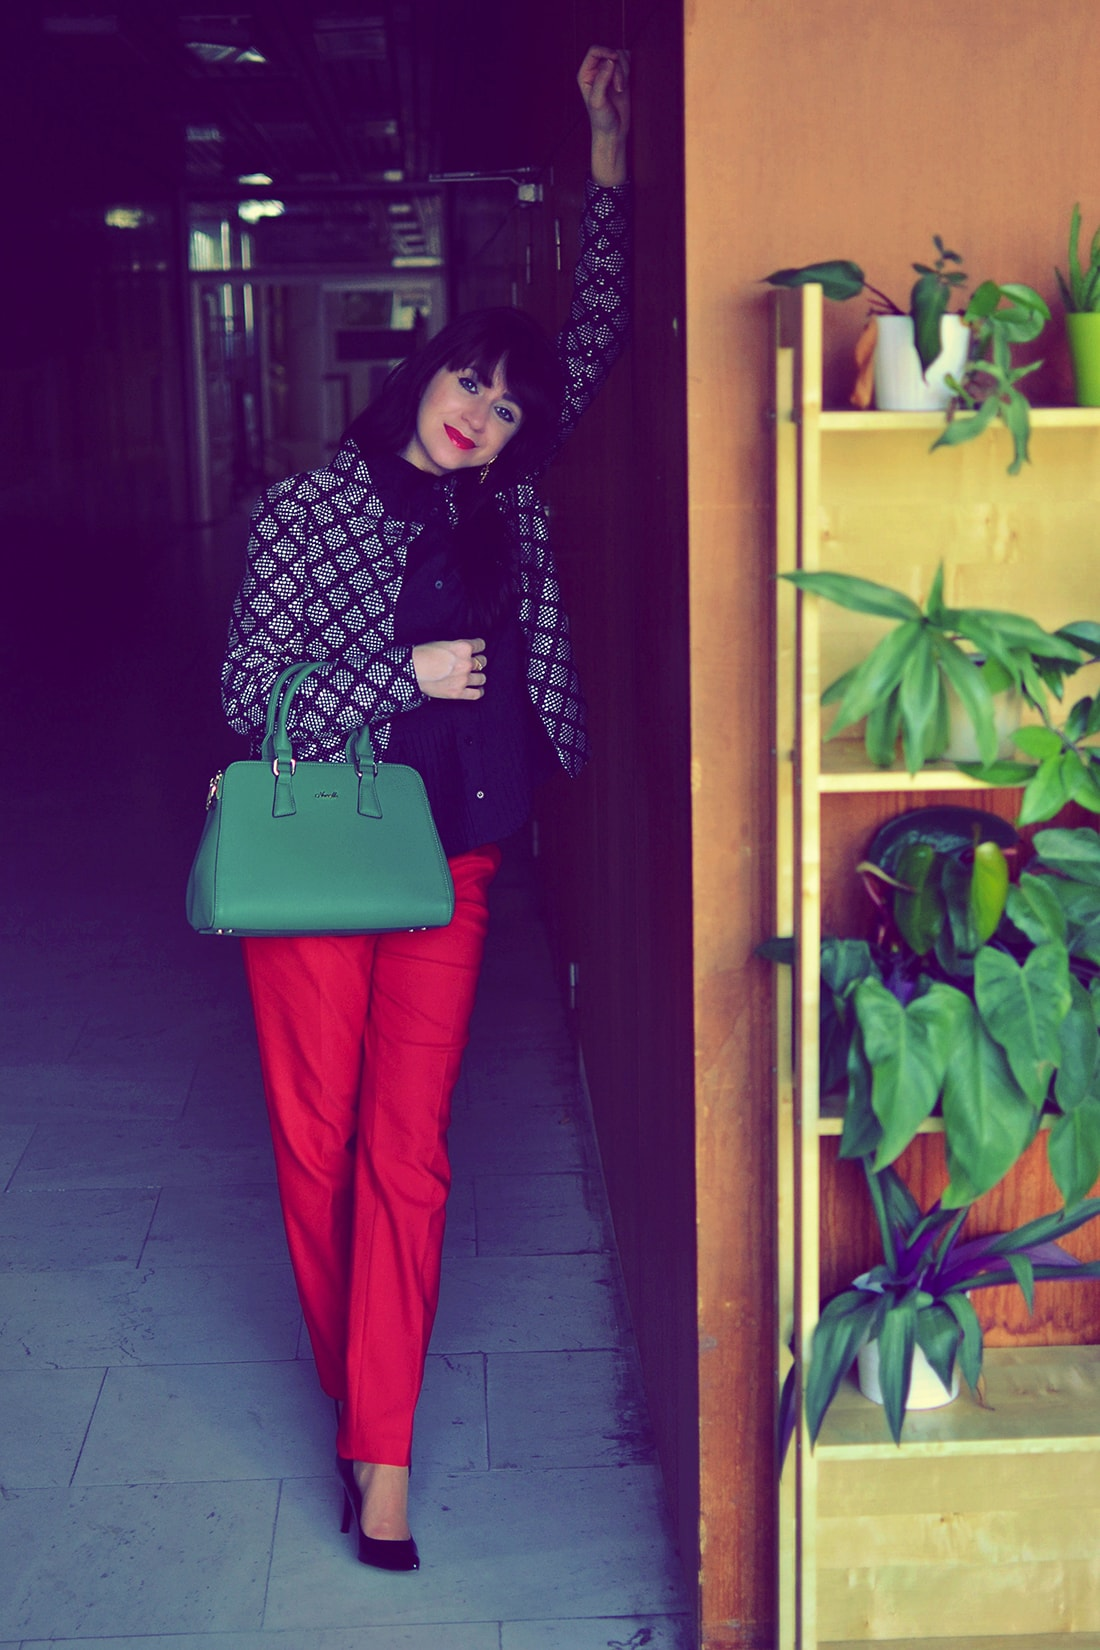 Plisovaná blúzka od Bonprixu_Katharine-fashion is beautiful_blog 6_Plisovaná blúzka_Červené nohavice_Katarína Jakubčová_Fashion blogger